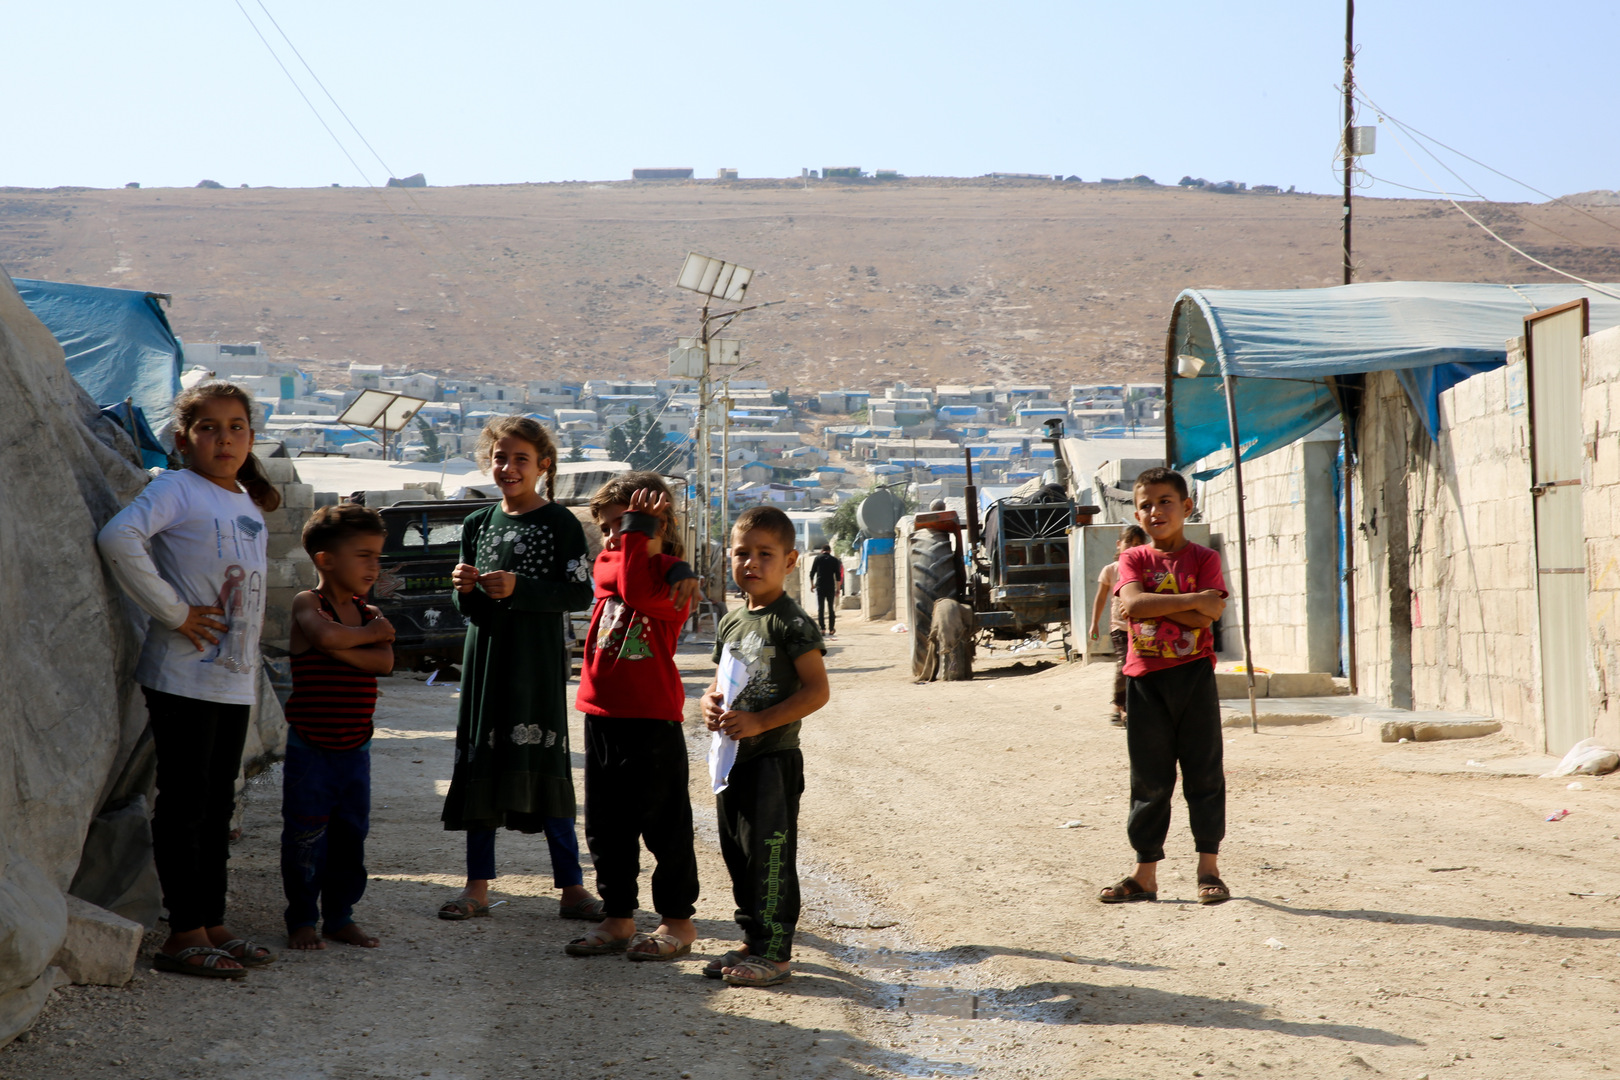 منظمة دولية: 62 طفلا توفوا العام الحالي في مخيم الهول شمال شرق سوريا